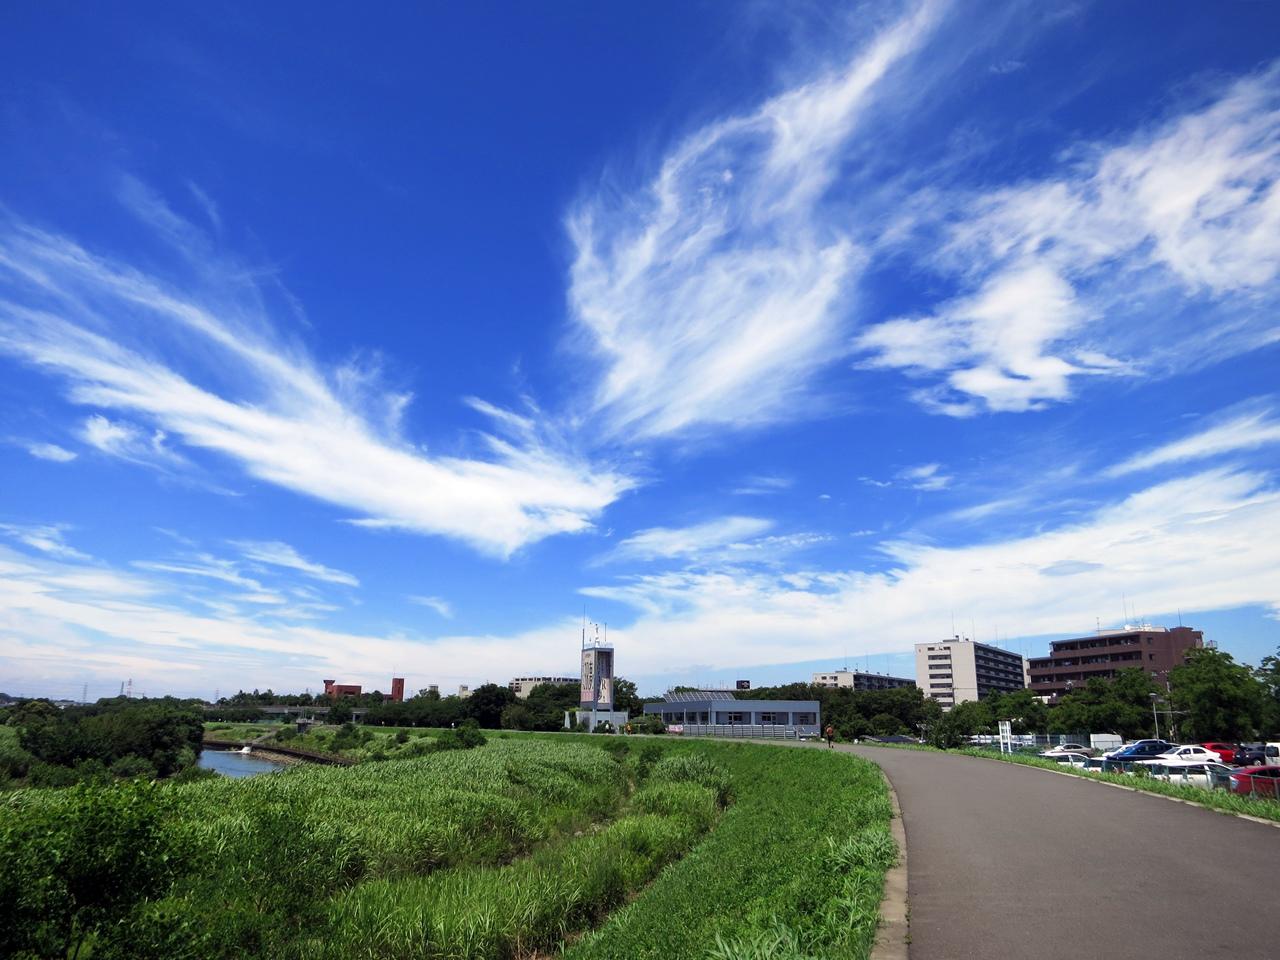 台風一過の空3